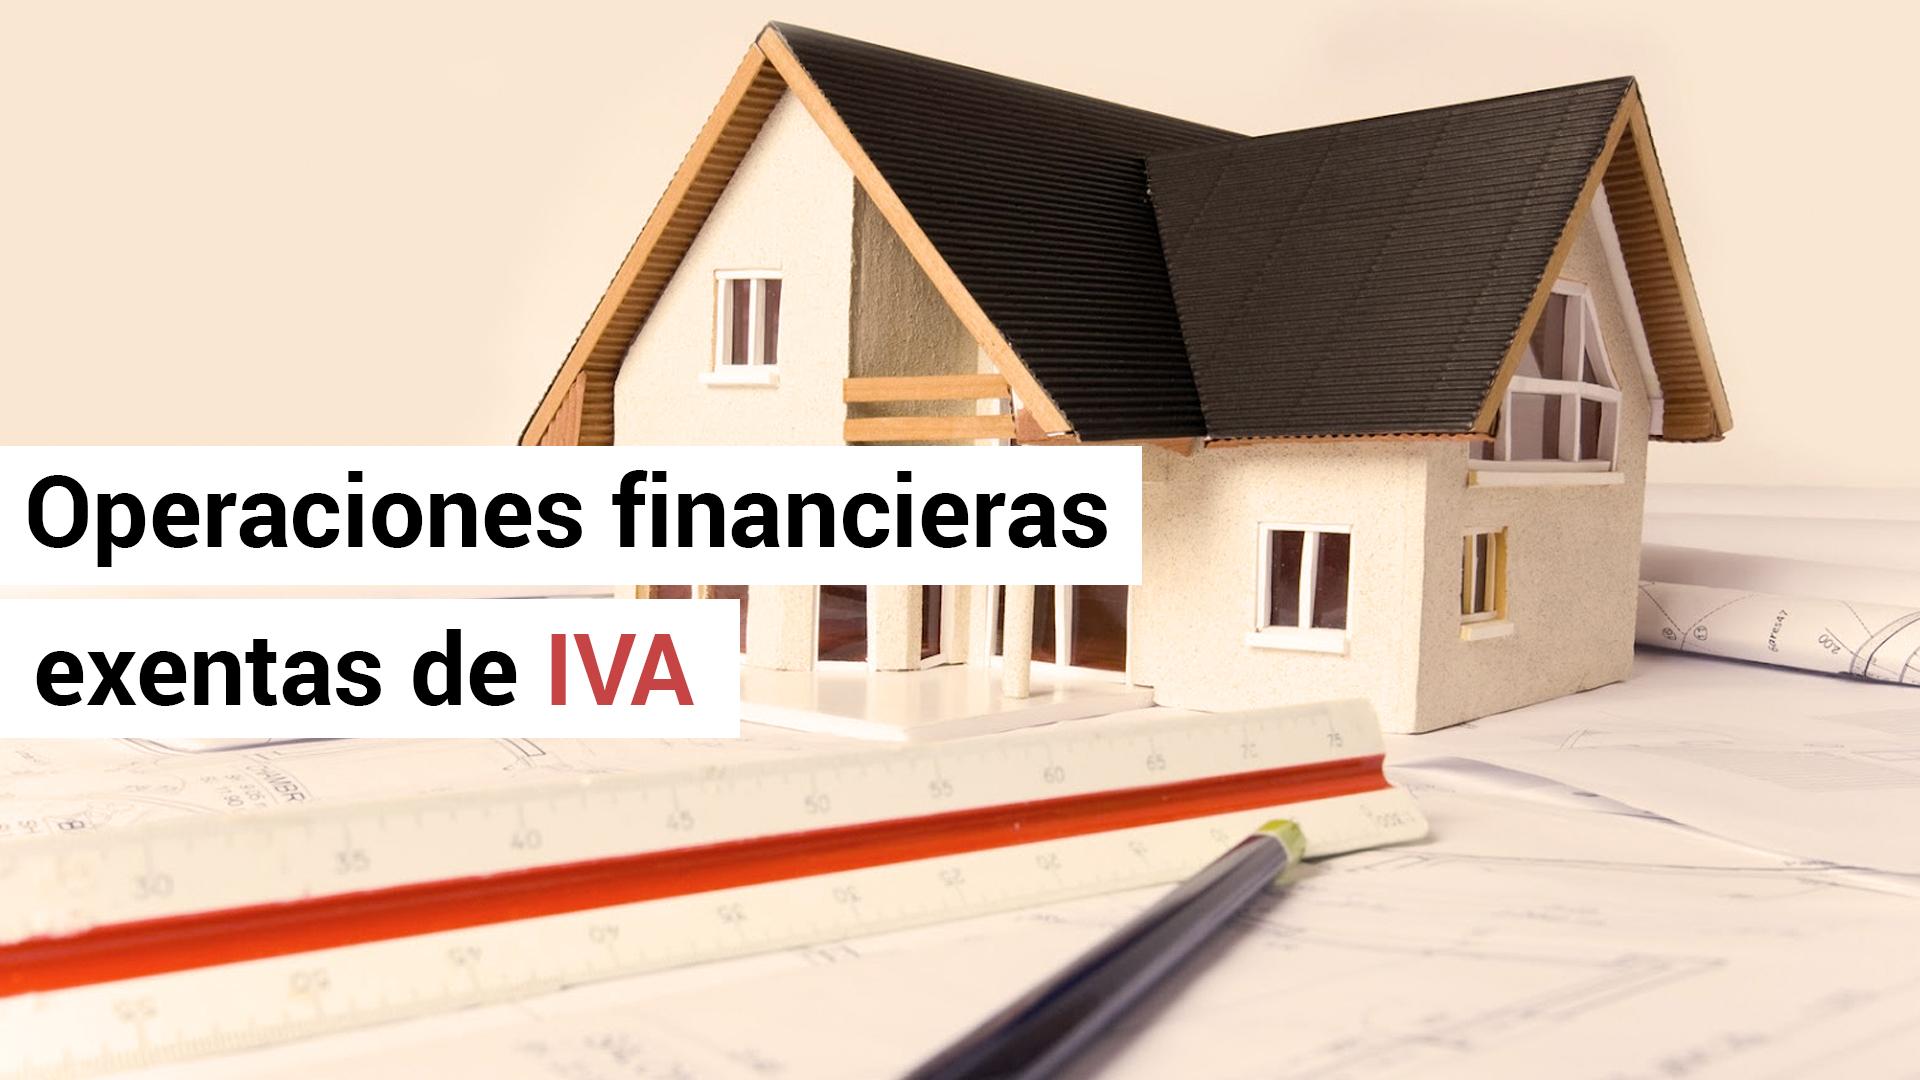 Operaciones financieras que dejan de estar exentas de IVA